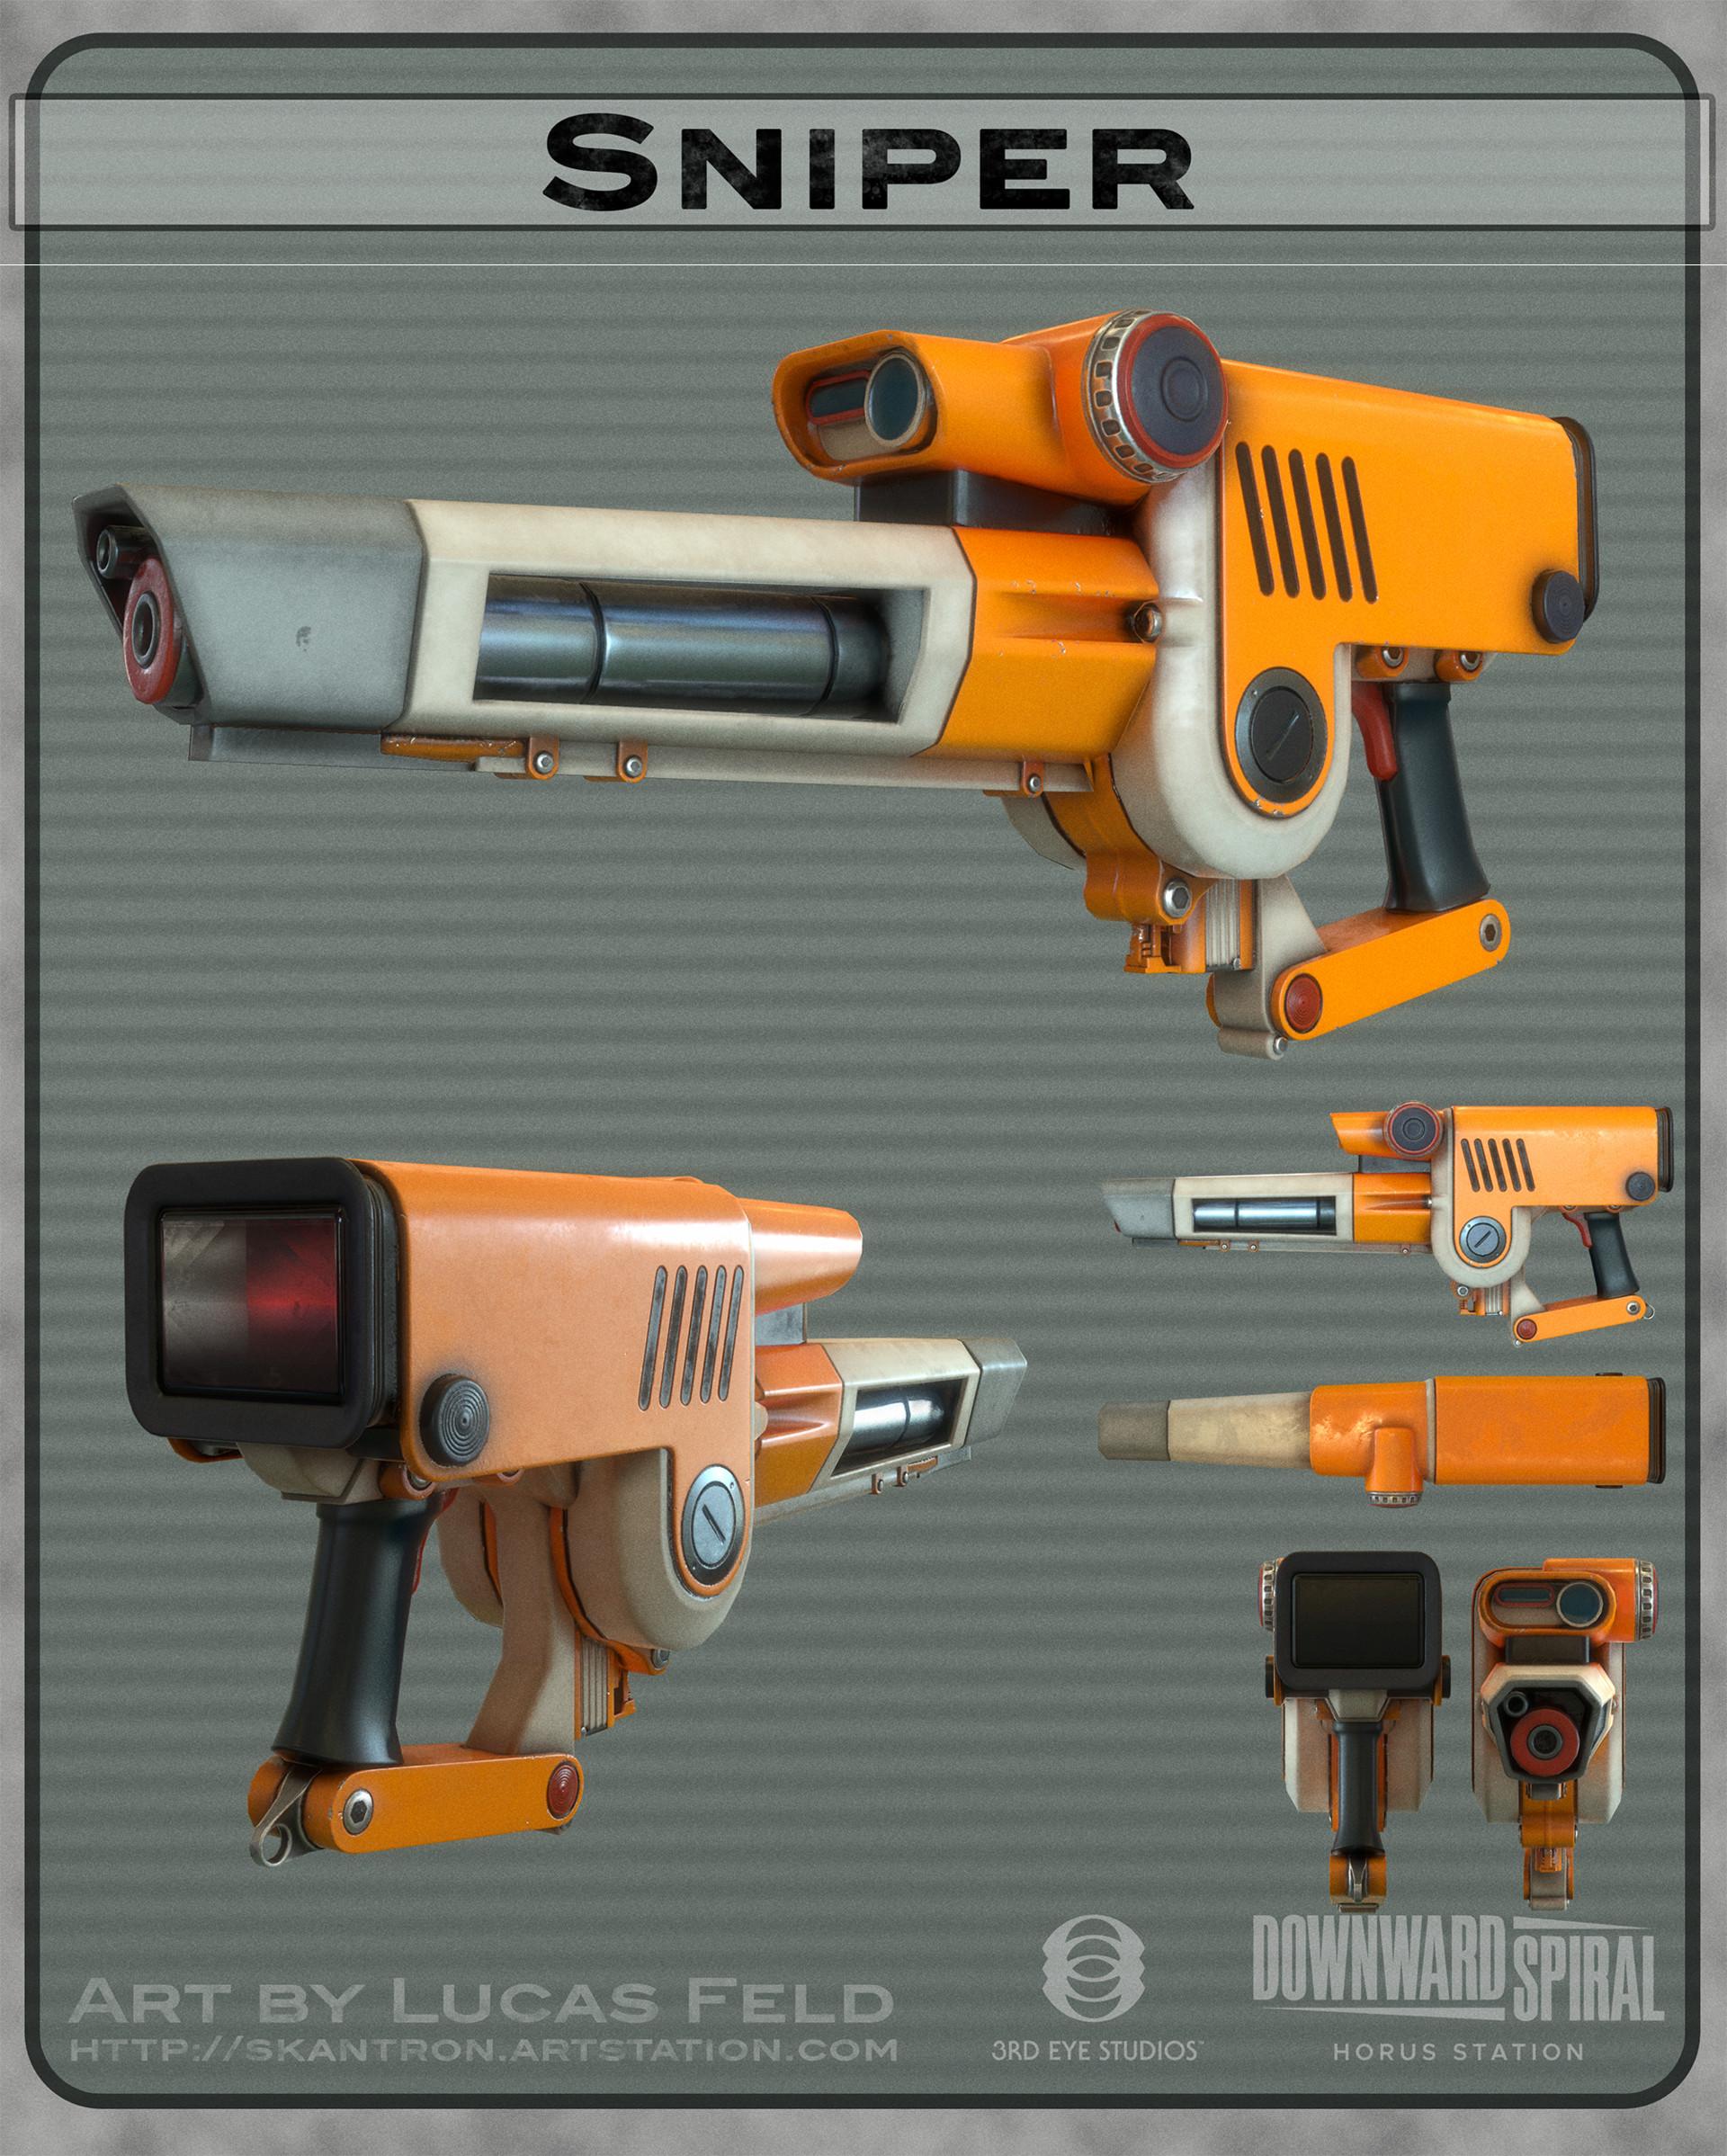 Lucas feld weaponsprex sniper